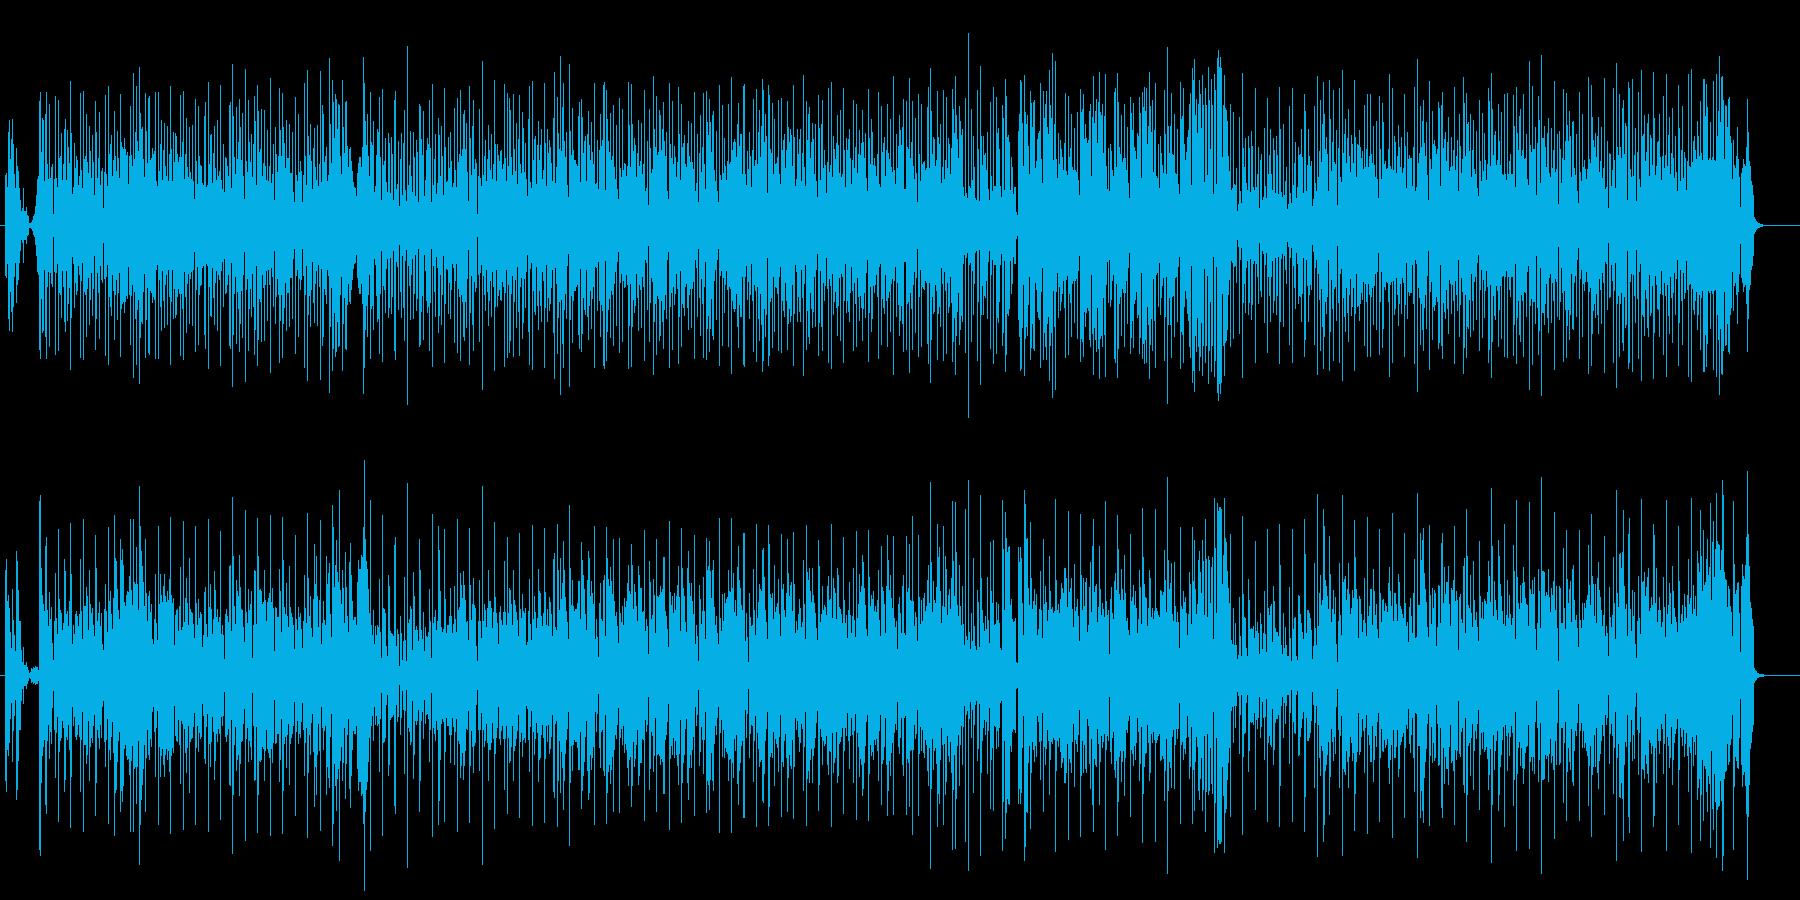 ダンス系ポップ(ヒップホップ風)の再生済みの波形